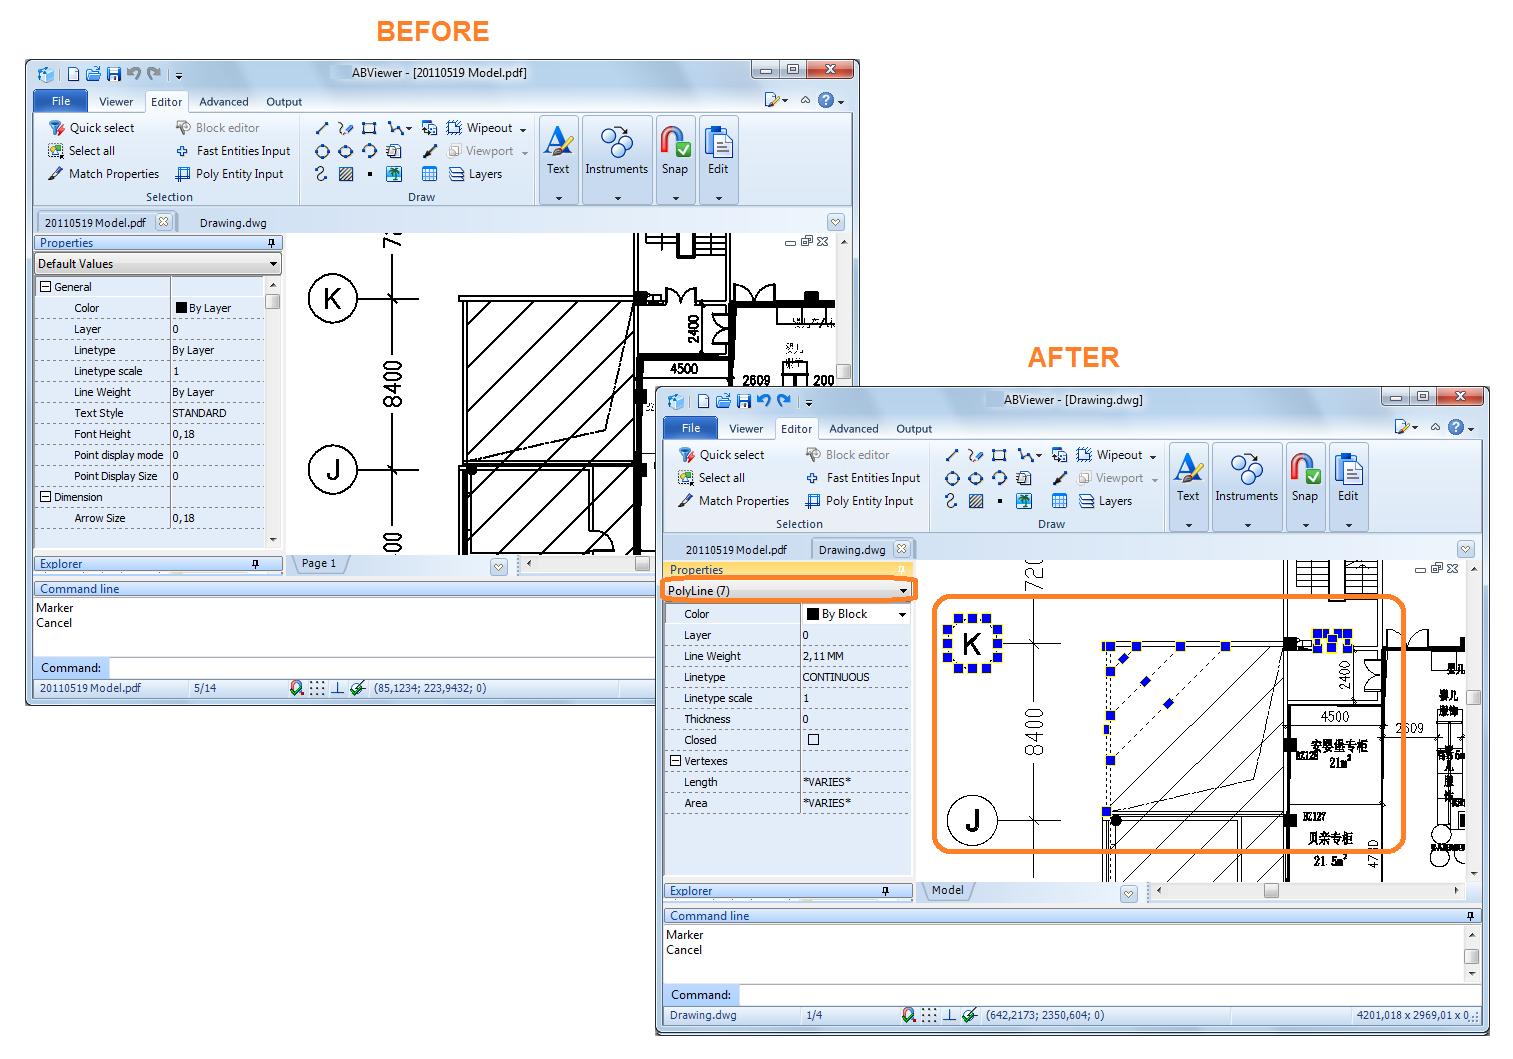 通用CAD图纸处理软件ABviewer2020最新格式转换教程:将页面转换为DWG/DXF文件格式